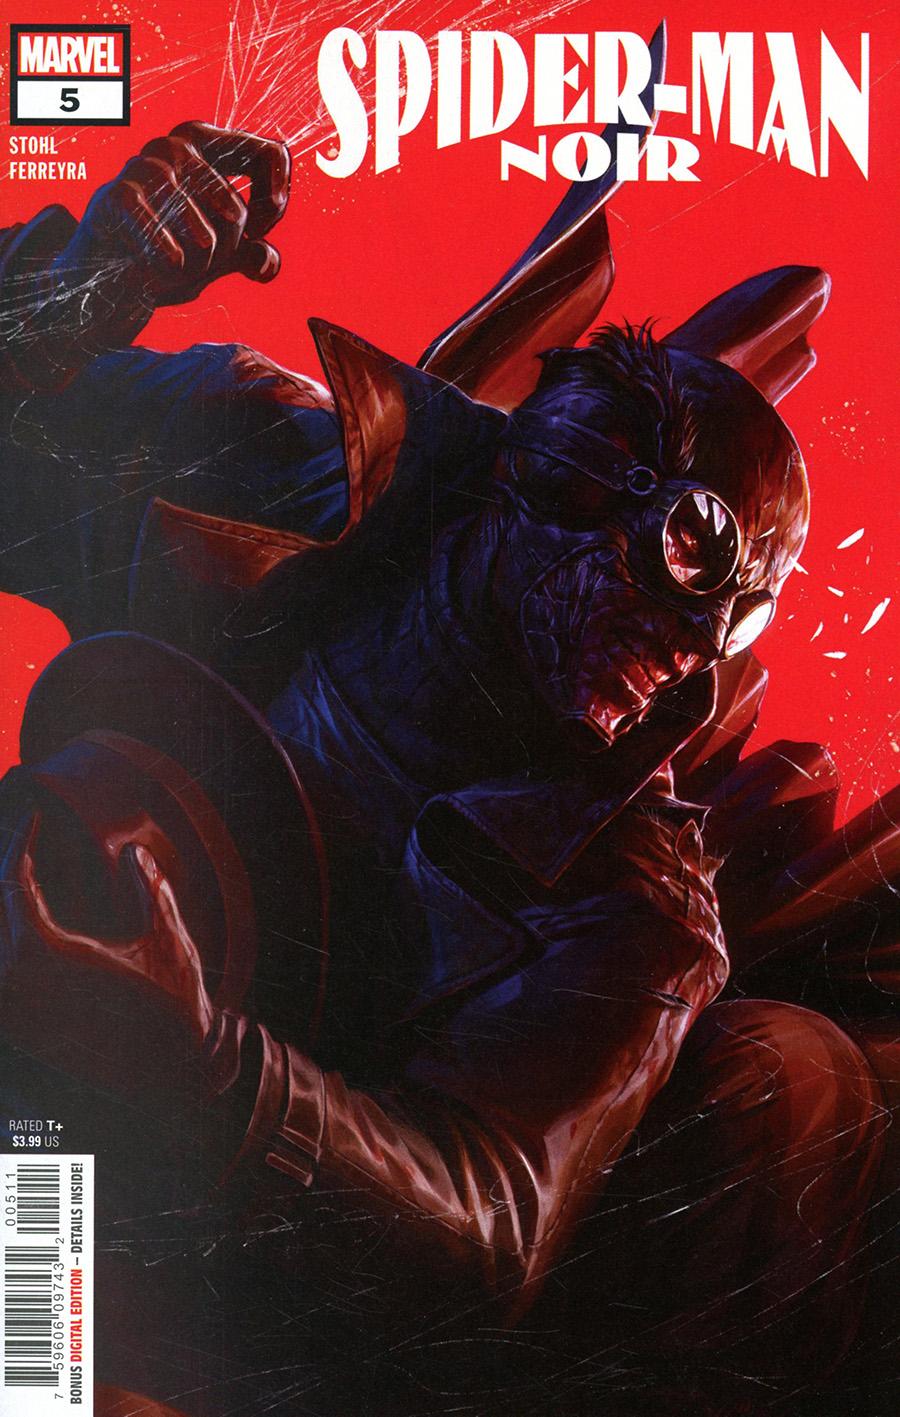 Spider-Man Noir Vol 2 #5